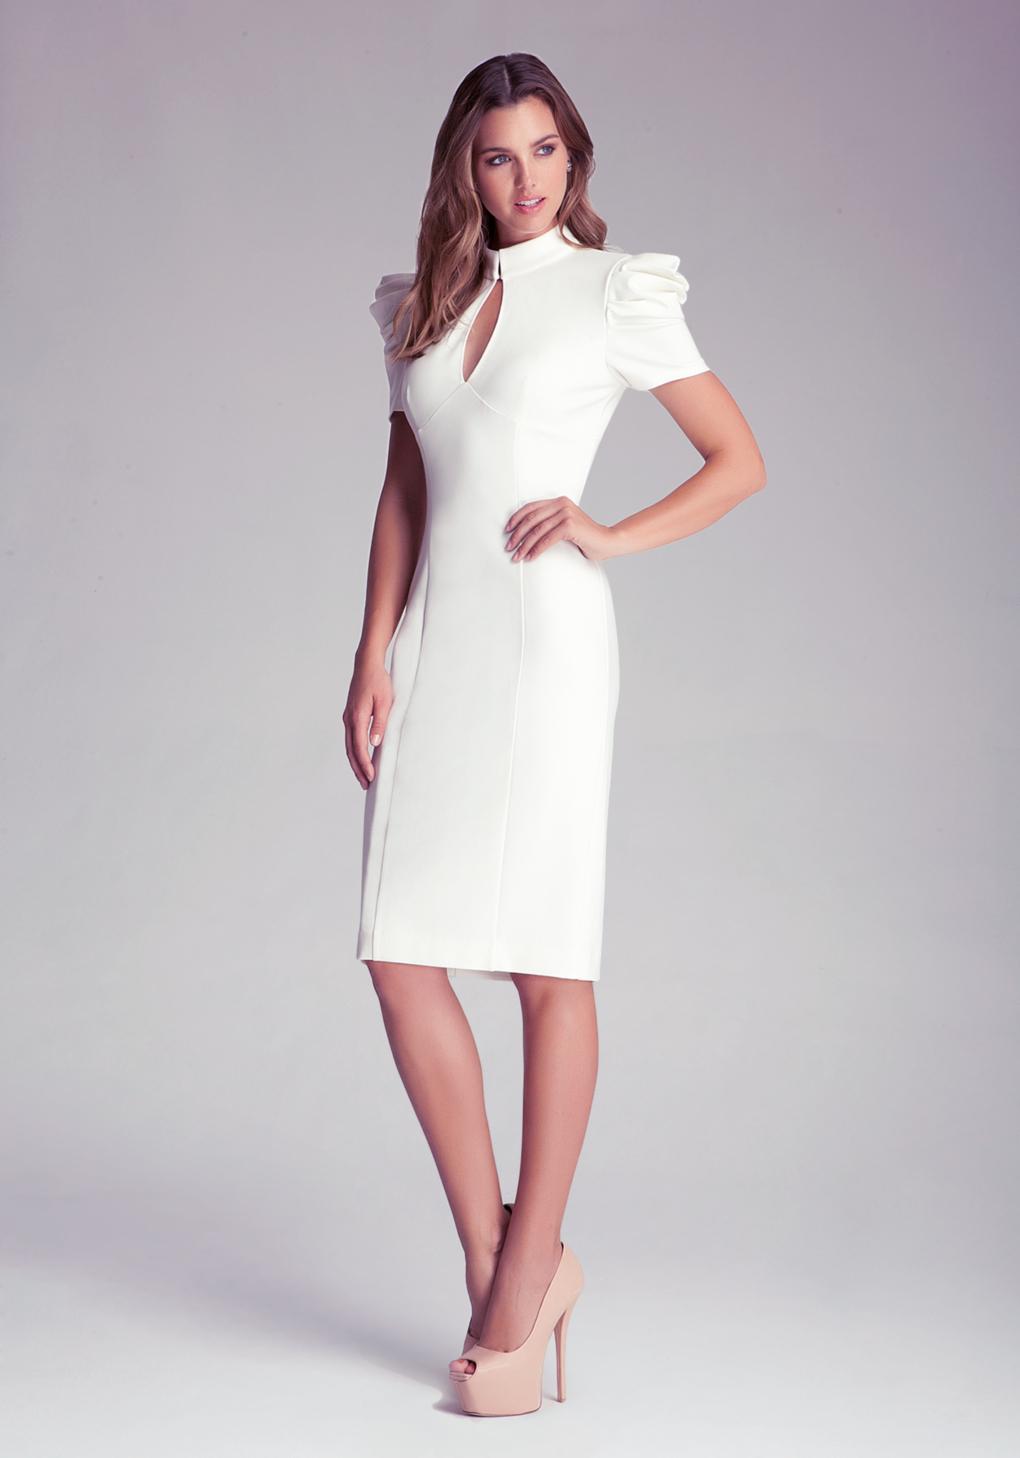 217ea8017e9bcc Bebe Kirstie Pleated Midi Dress in White - Lyst